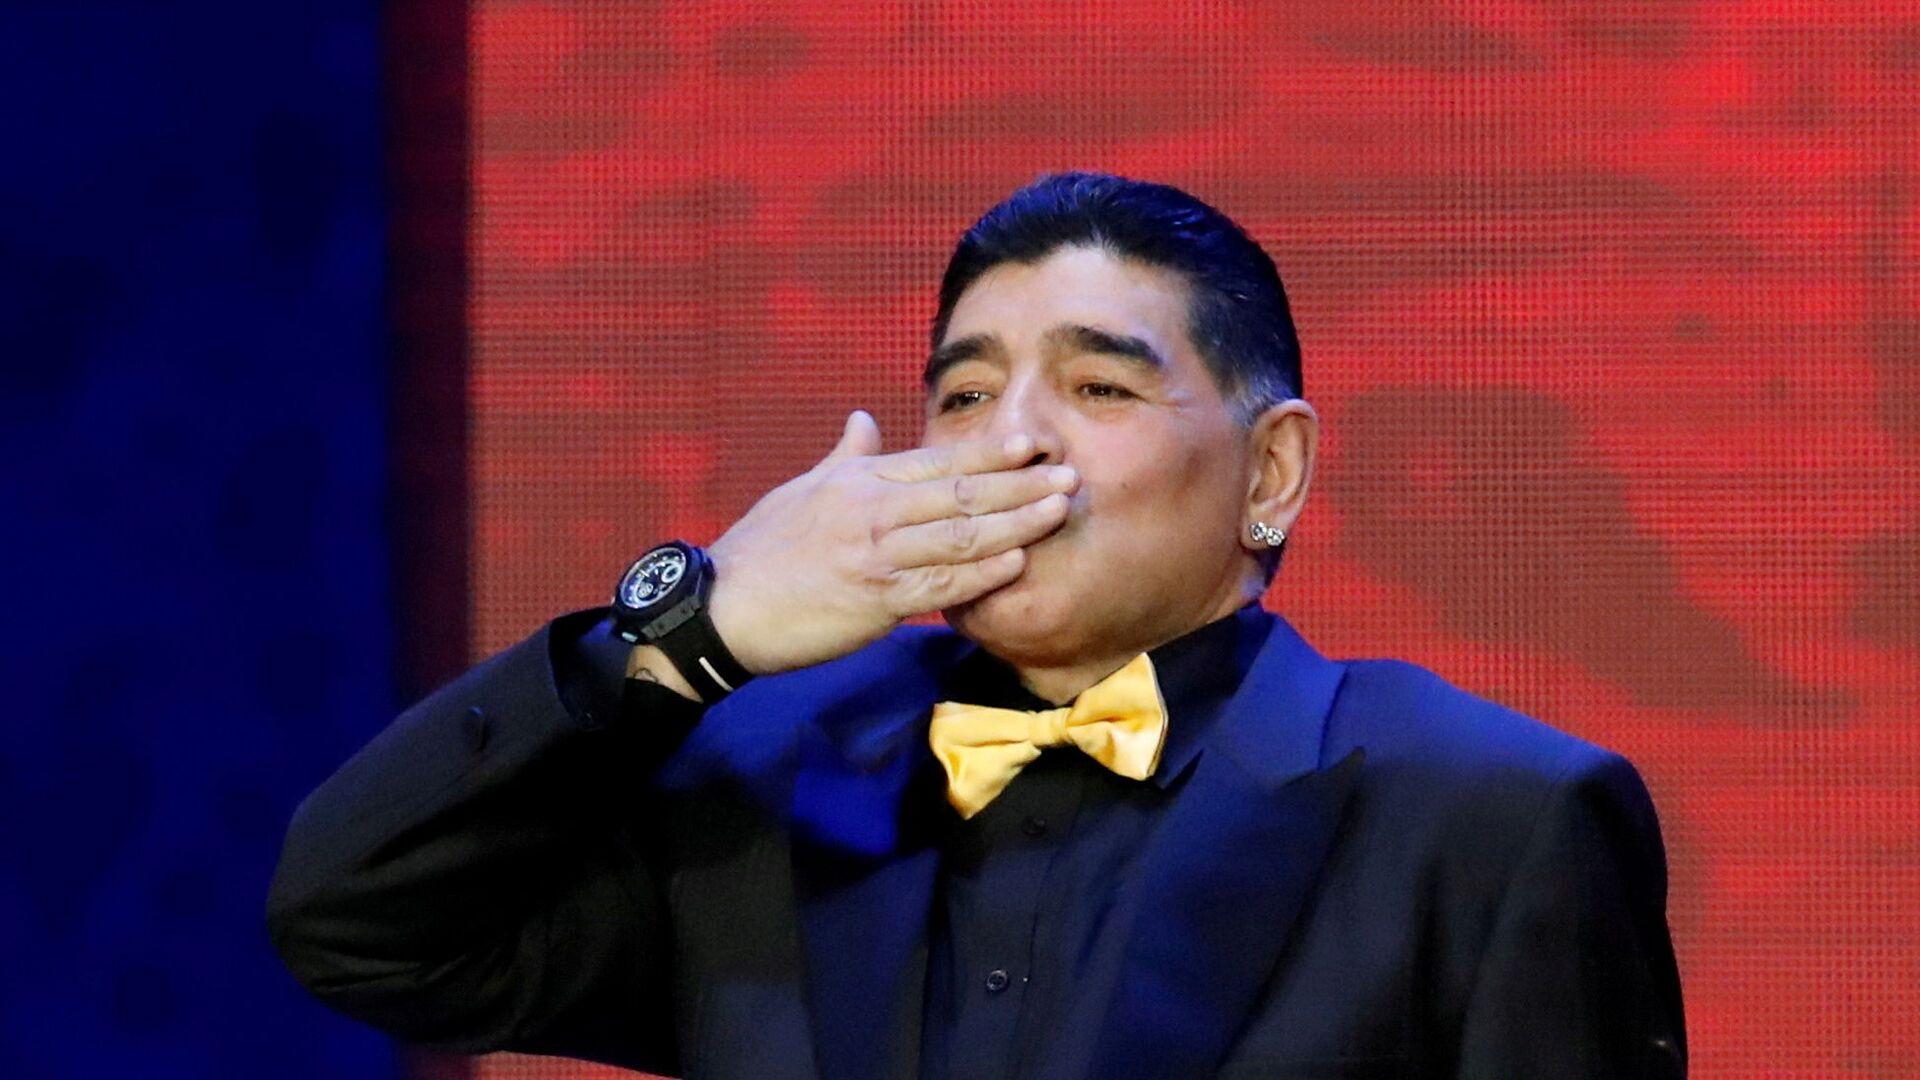 Diego Armando Maradona, exfutbolista argentino - Sputnik Mundo, 1920, 14.10.2021